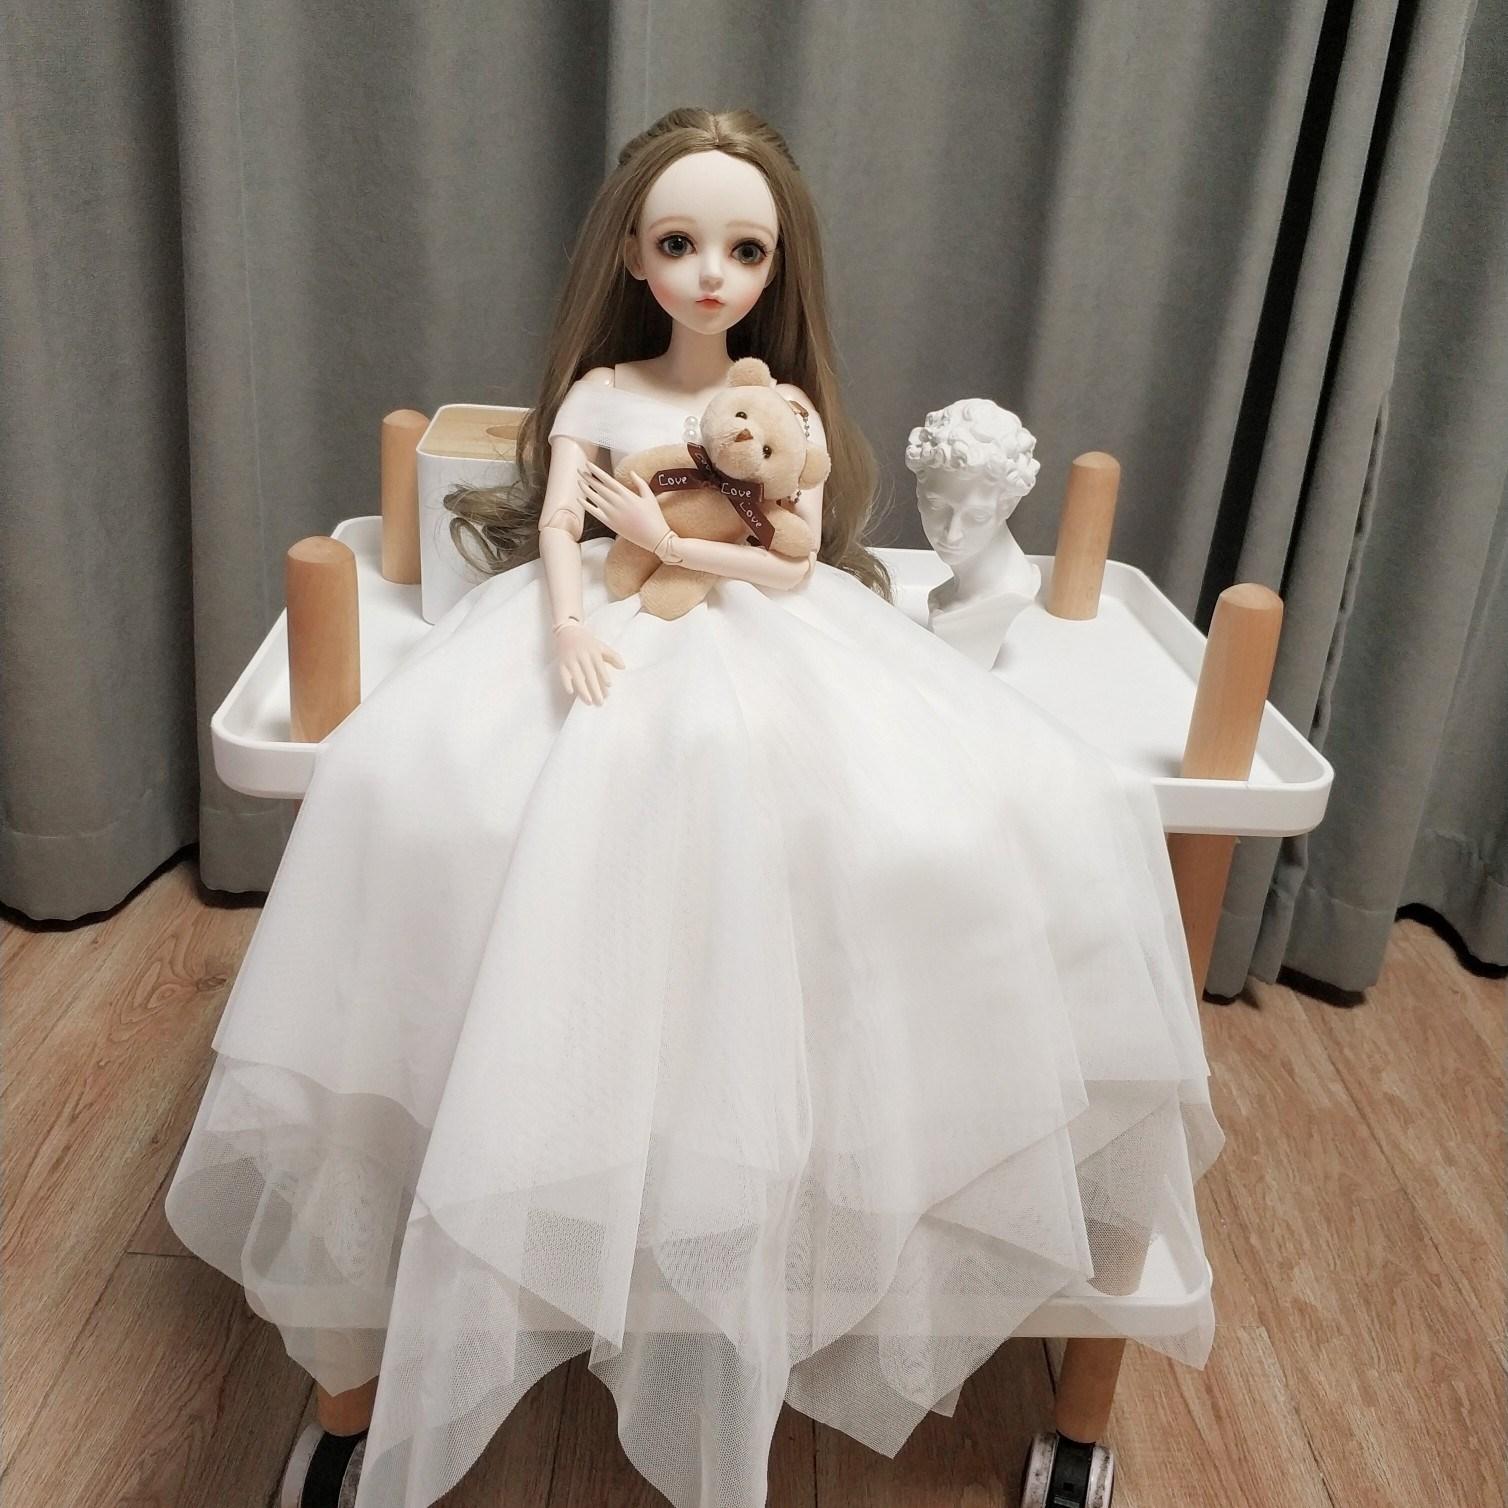 中國代購 中國批發-ibuy99 60校服叶罗丽娃娃衣服芭巴比公主裙3分bjd凯蒂夜婚纱现代厘米萝莉